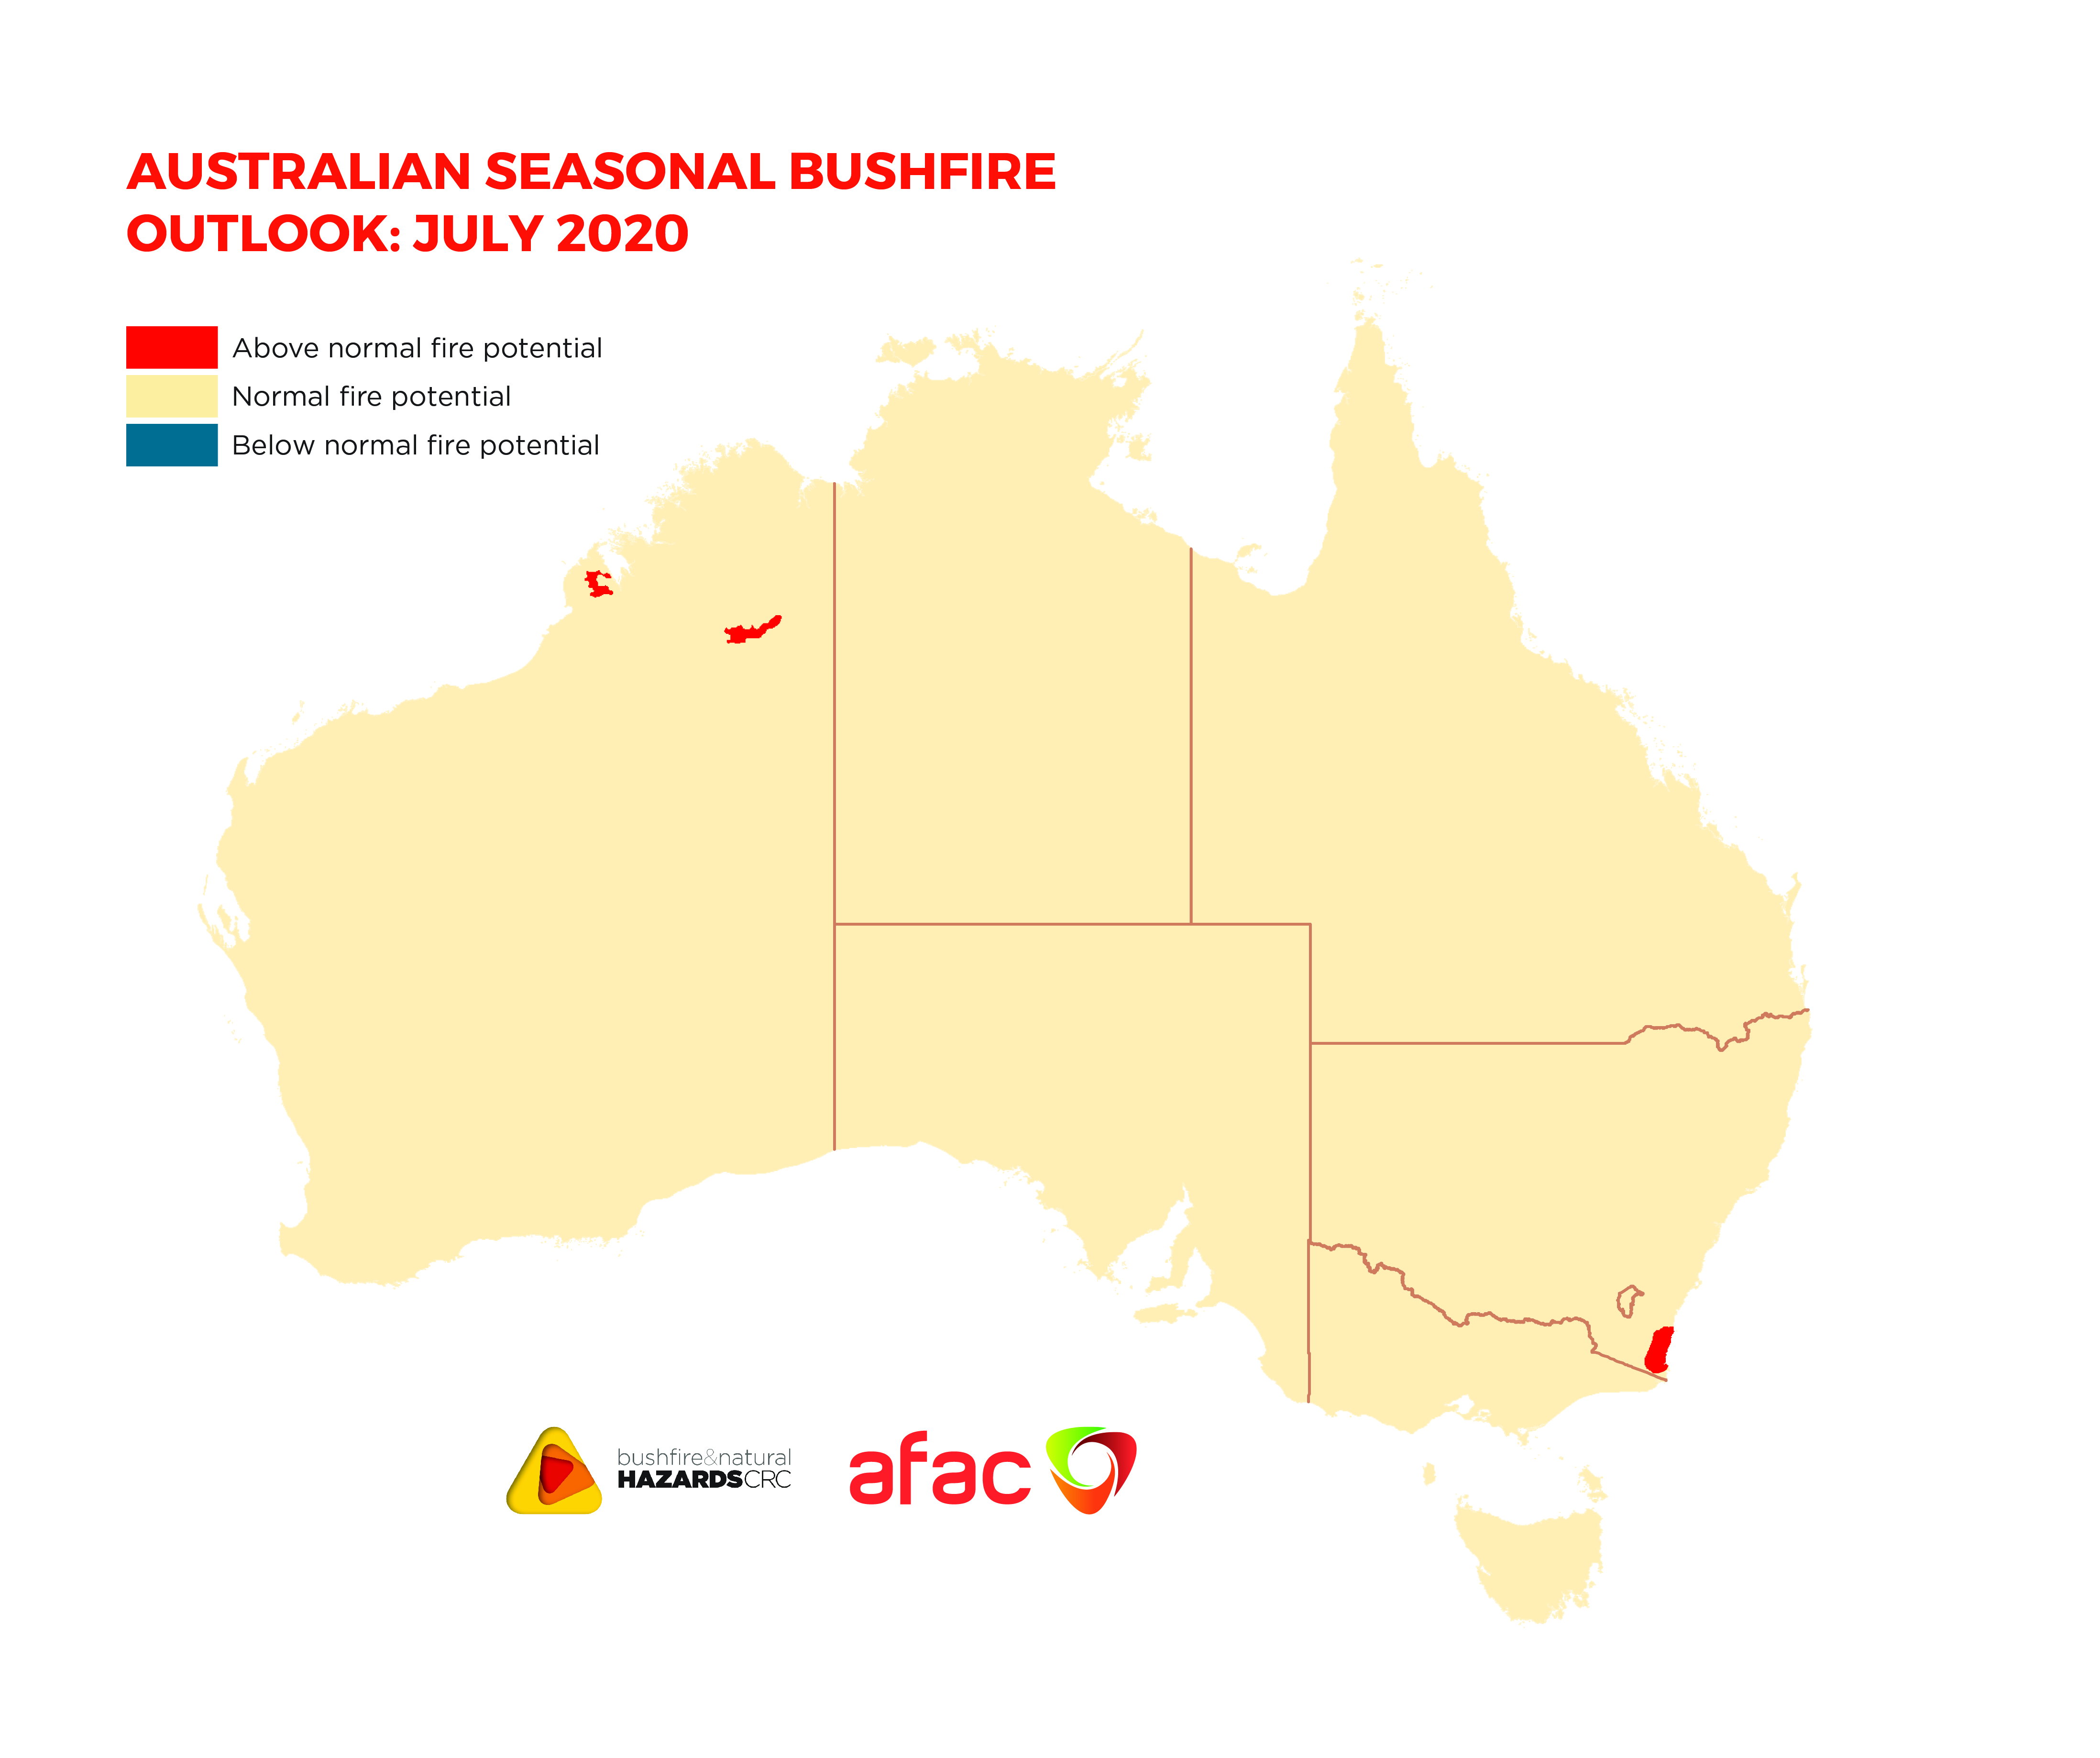 Australian Seasonal Bushfire Outlook: July 2020